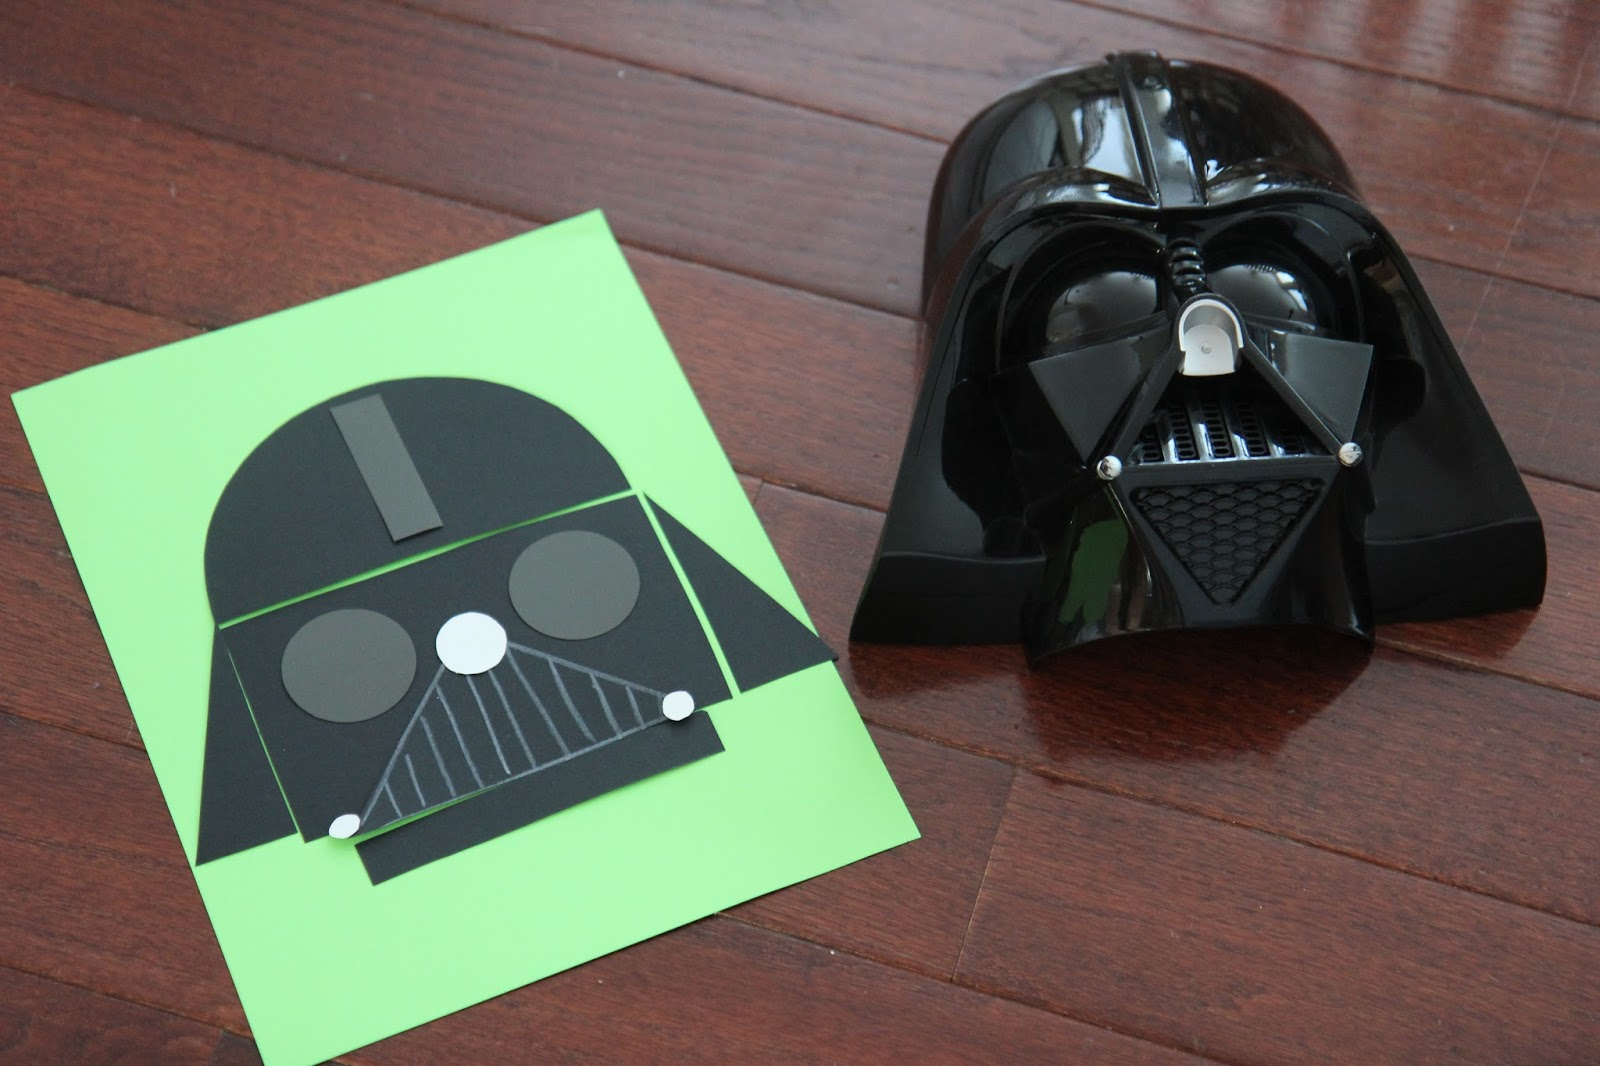 Как сделать маску дарта вейдера из картона